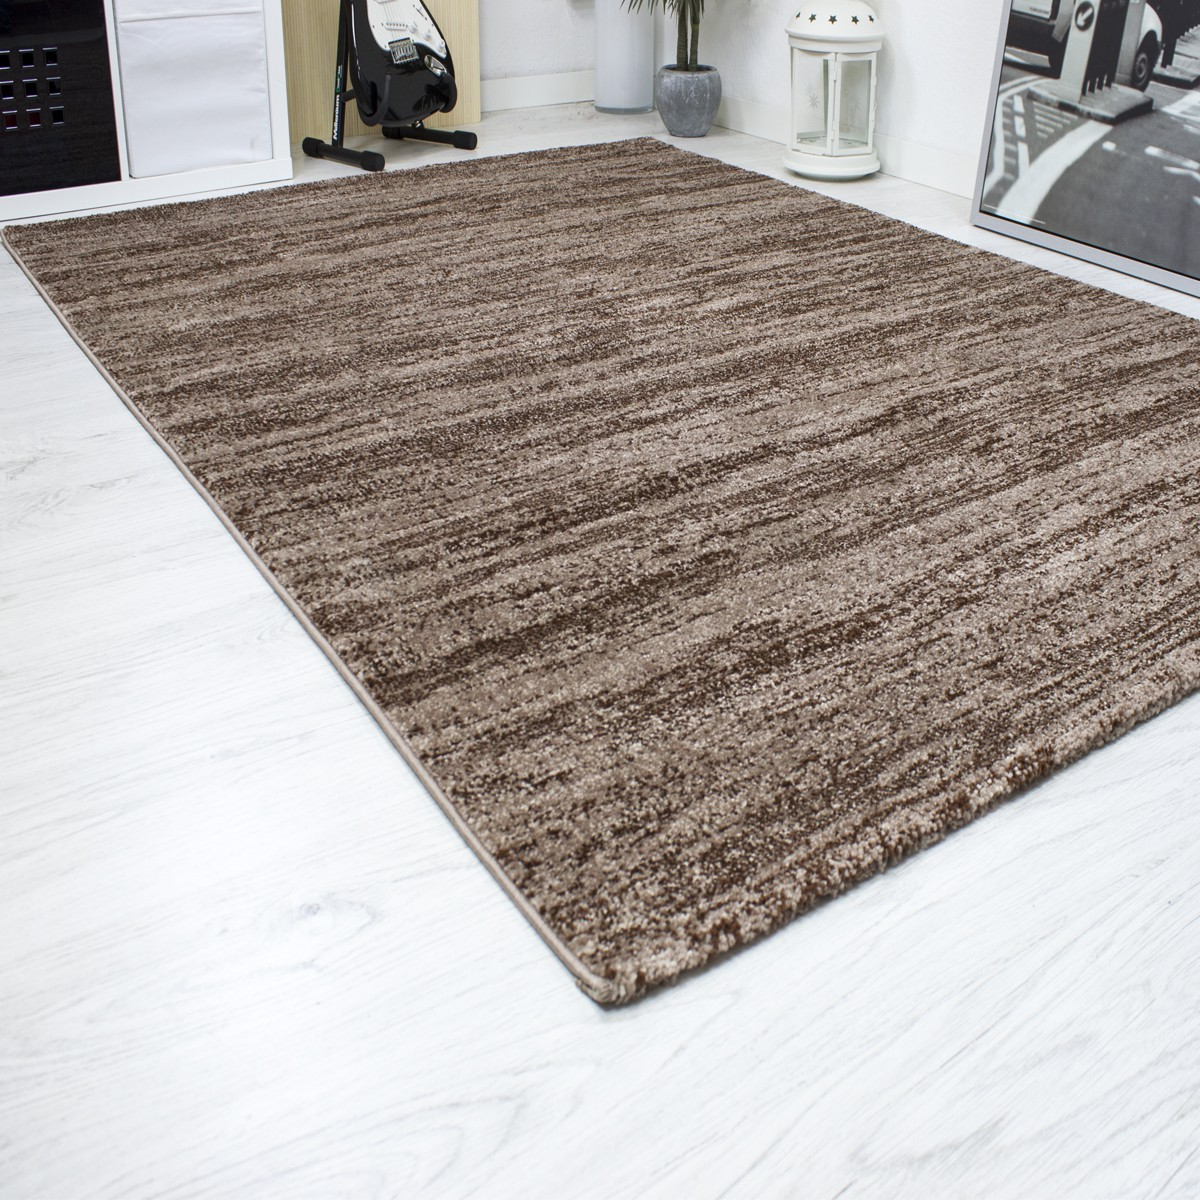 Dekorativ Moderne Beige Braun Schlafzimmer Schlafzimmer: Wohnzimmer Teppich Grau Beige Braun Kurzflor Meliert